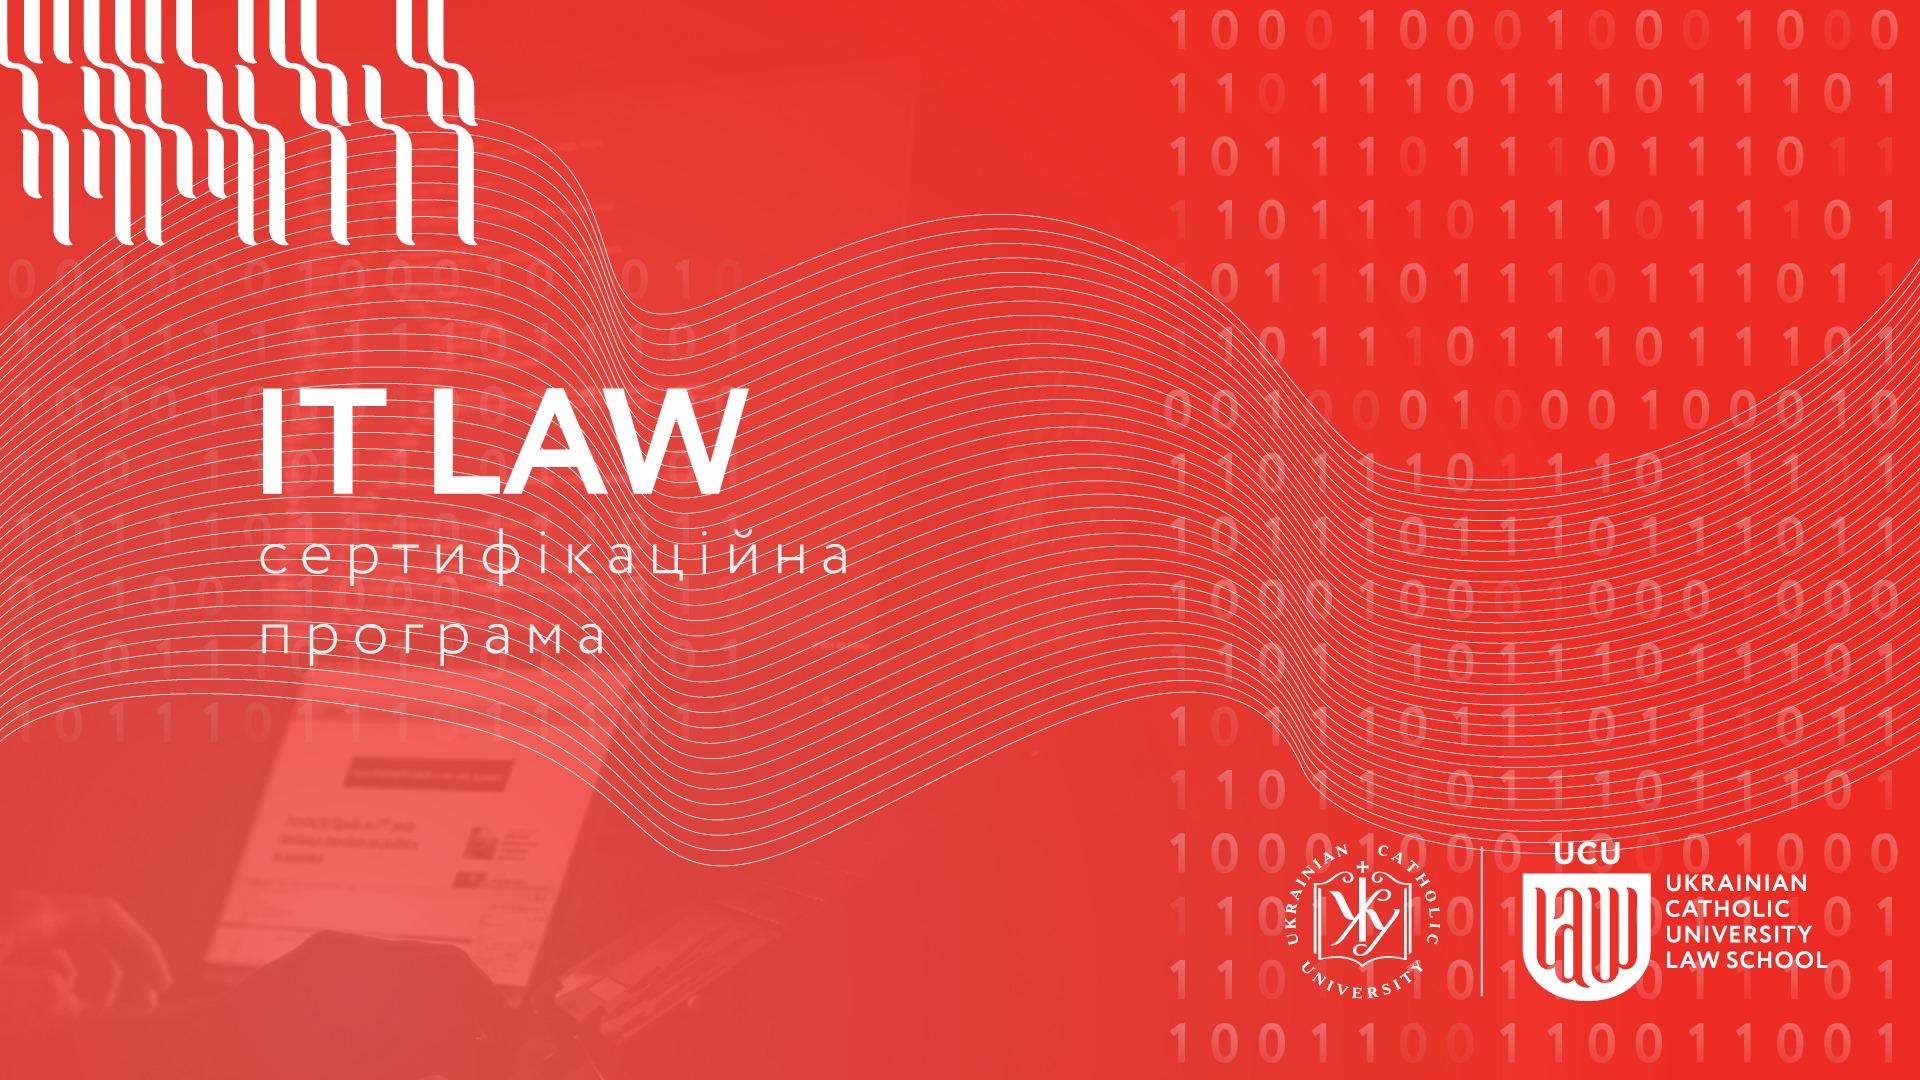 Сертифікаційна Програма з ІТ права УКУ 2019